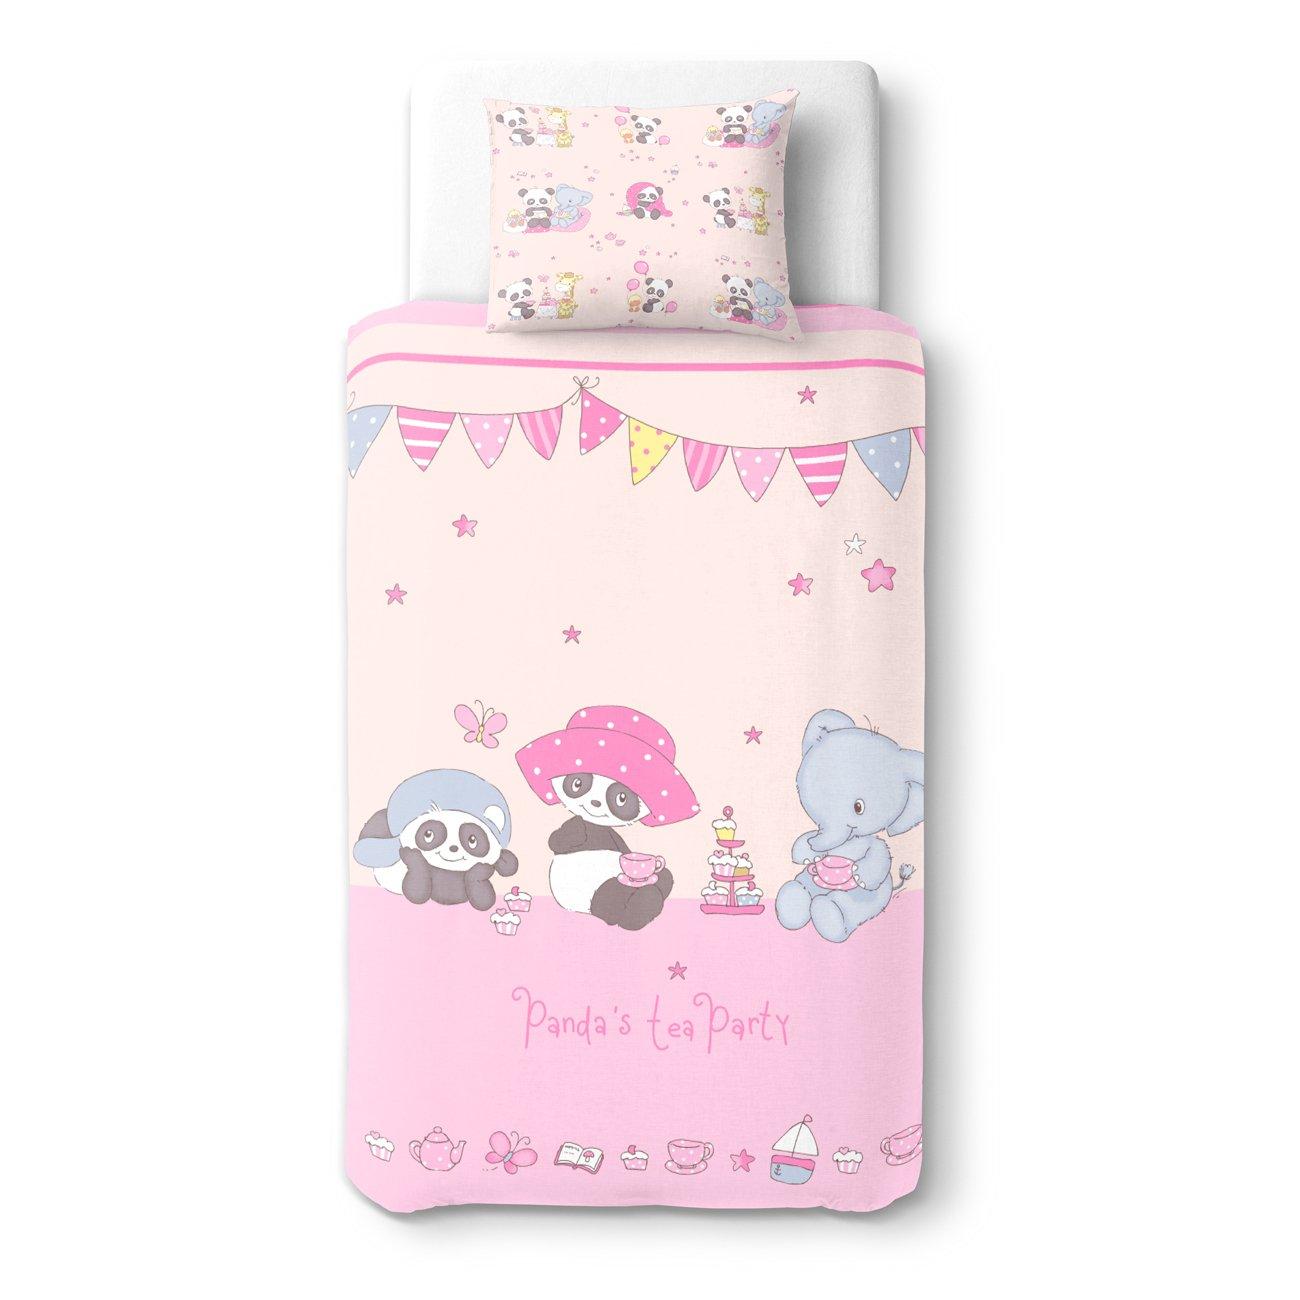 Baby Panda's Tea Party - SoulBedroom 100% Cotton Bed Set (Duvet Cover 39''x 55'' cm & Pillow Case 15''x 23'' cm)